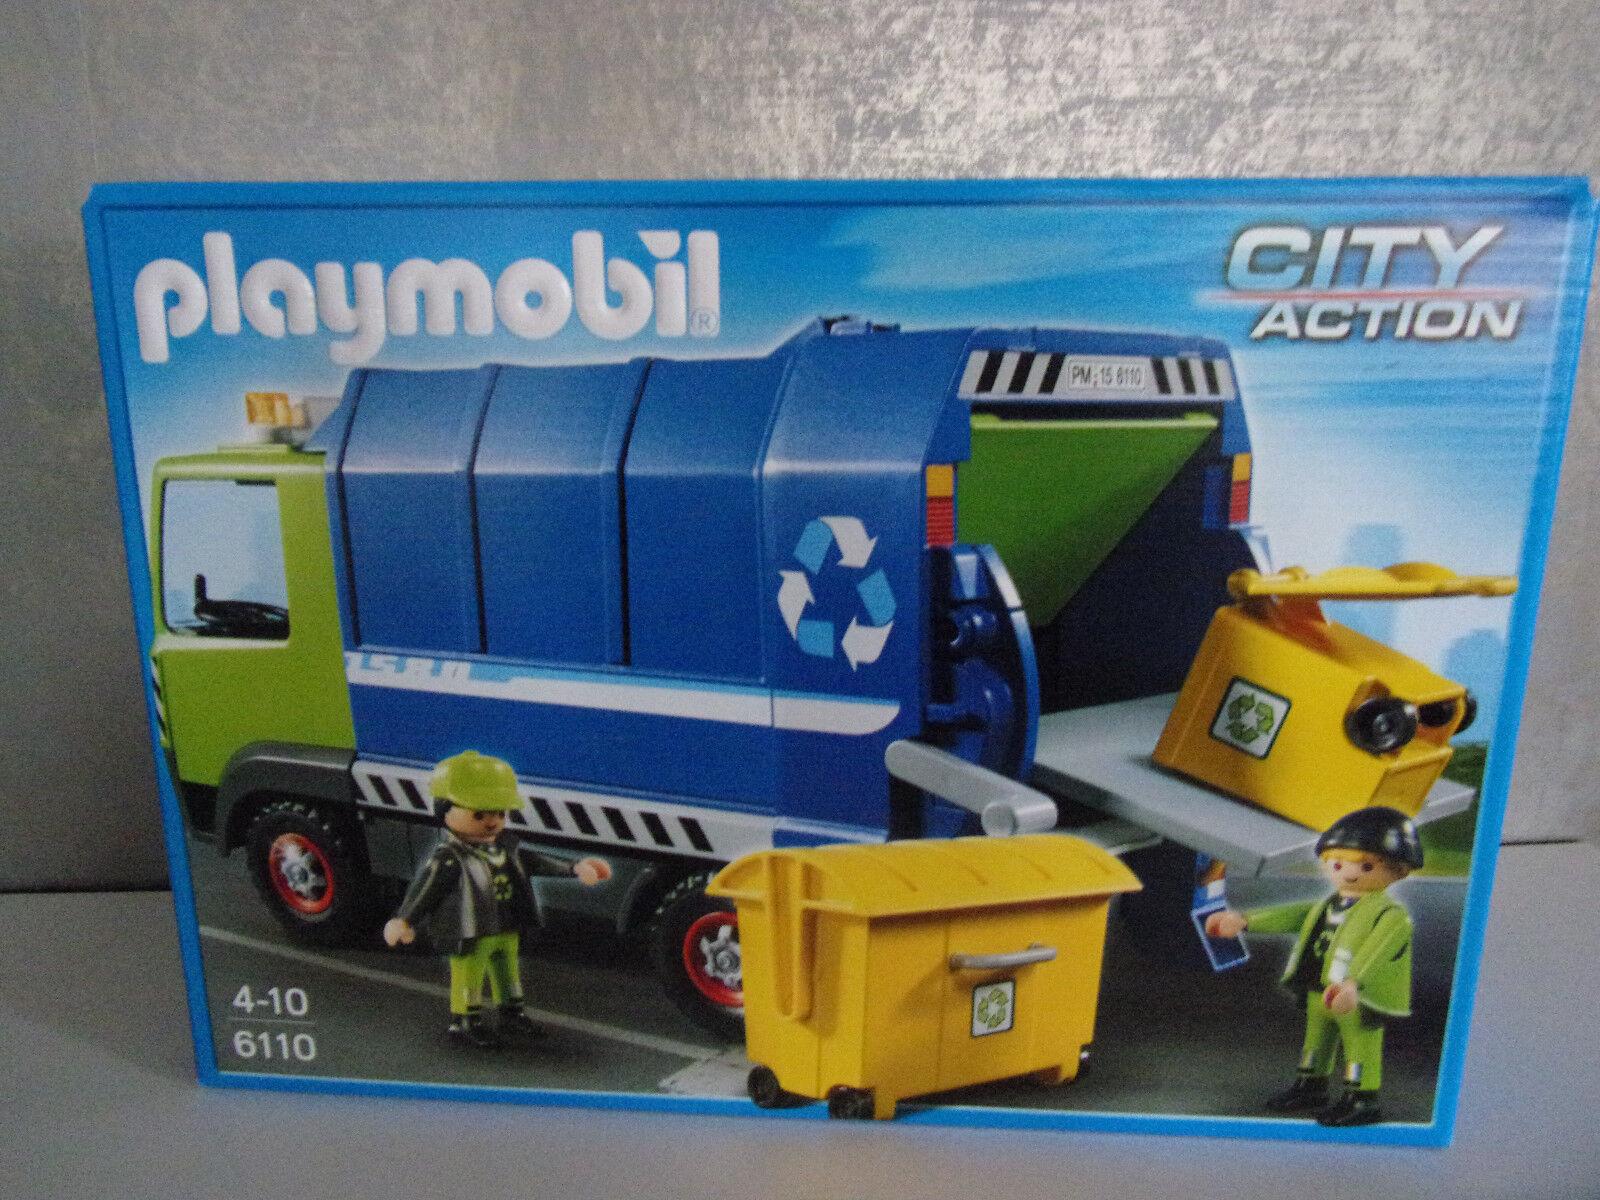 Playmobil City Action 6110 Nouveau Camion de Recyclage - Neuf et Emballage